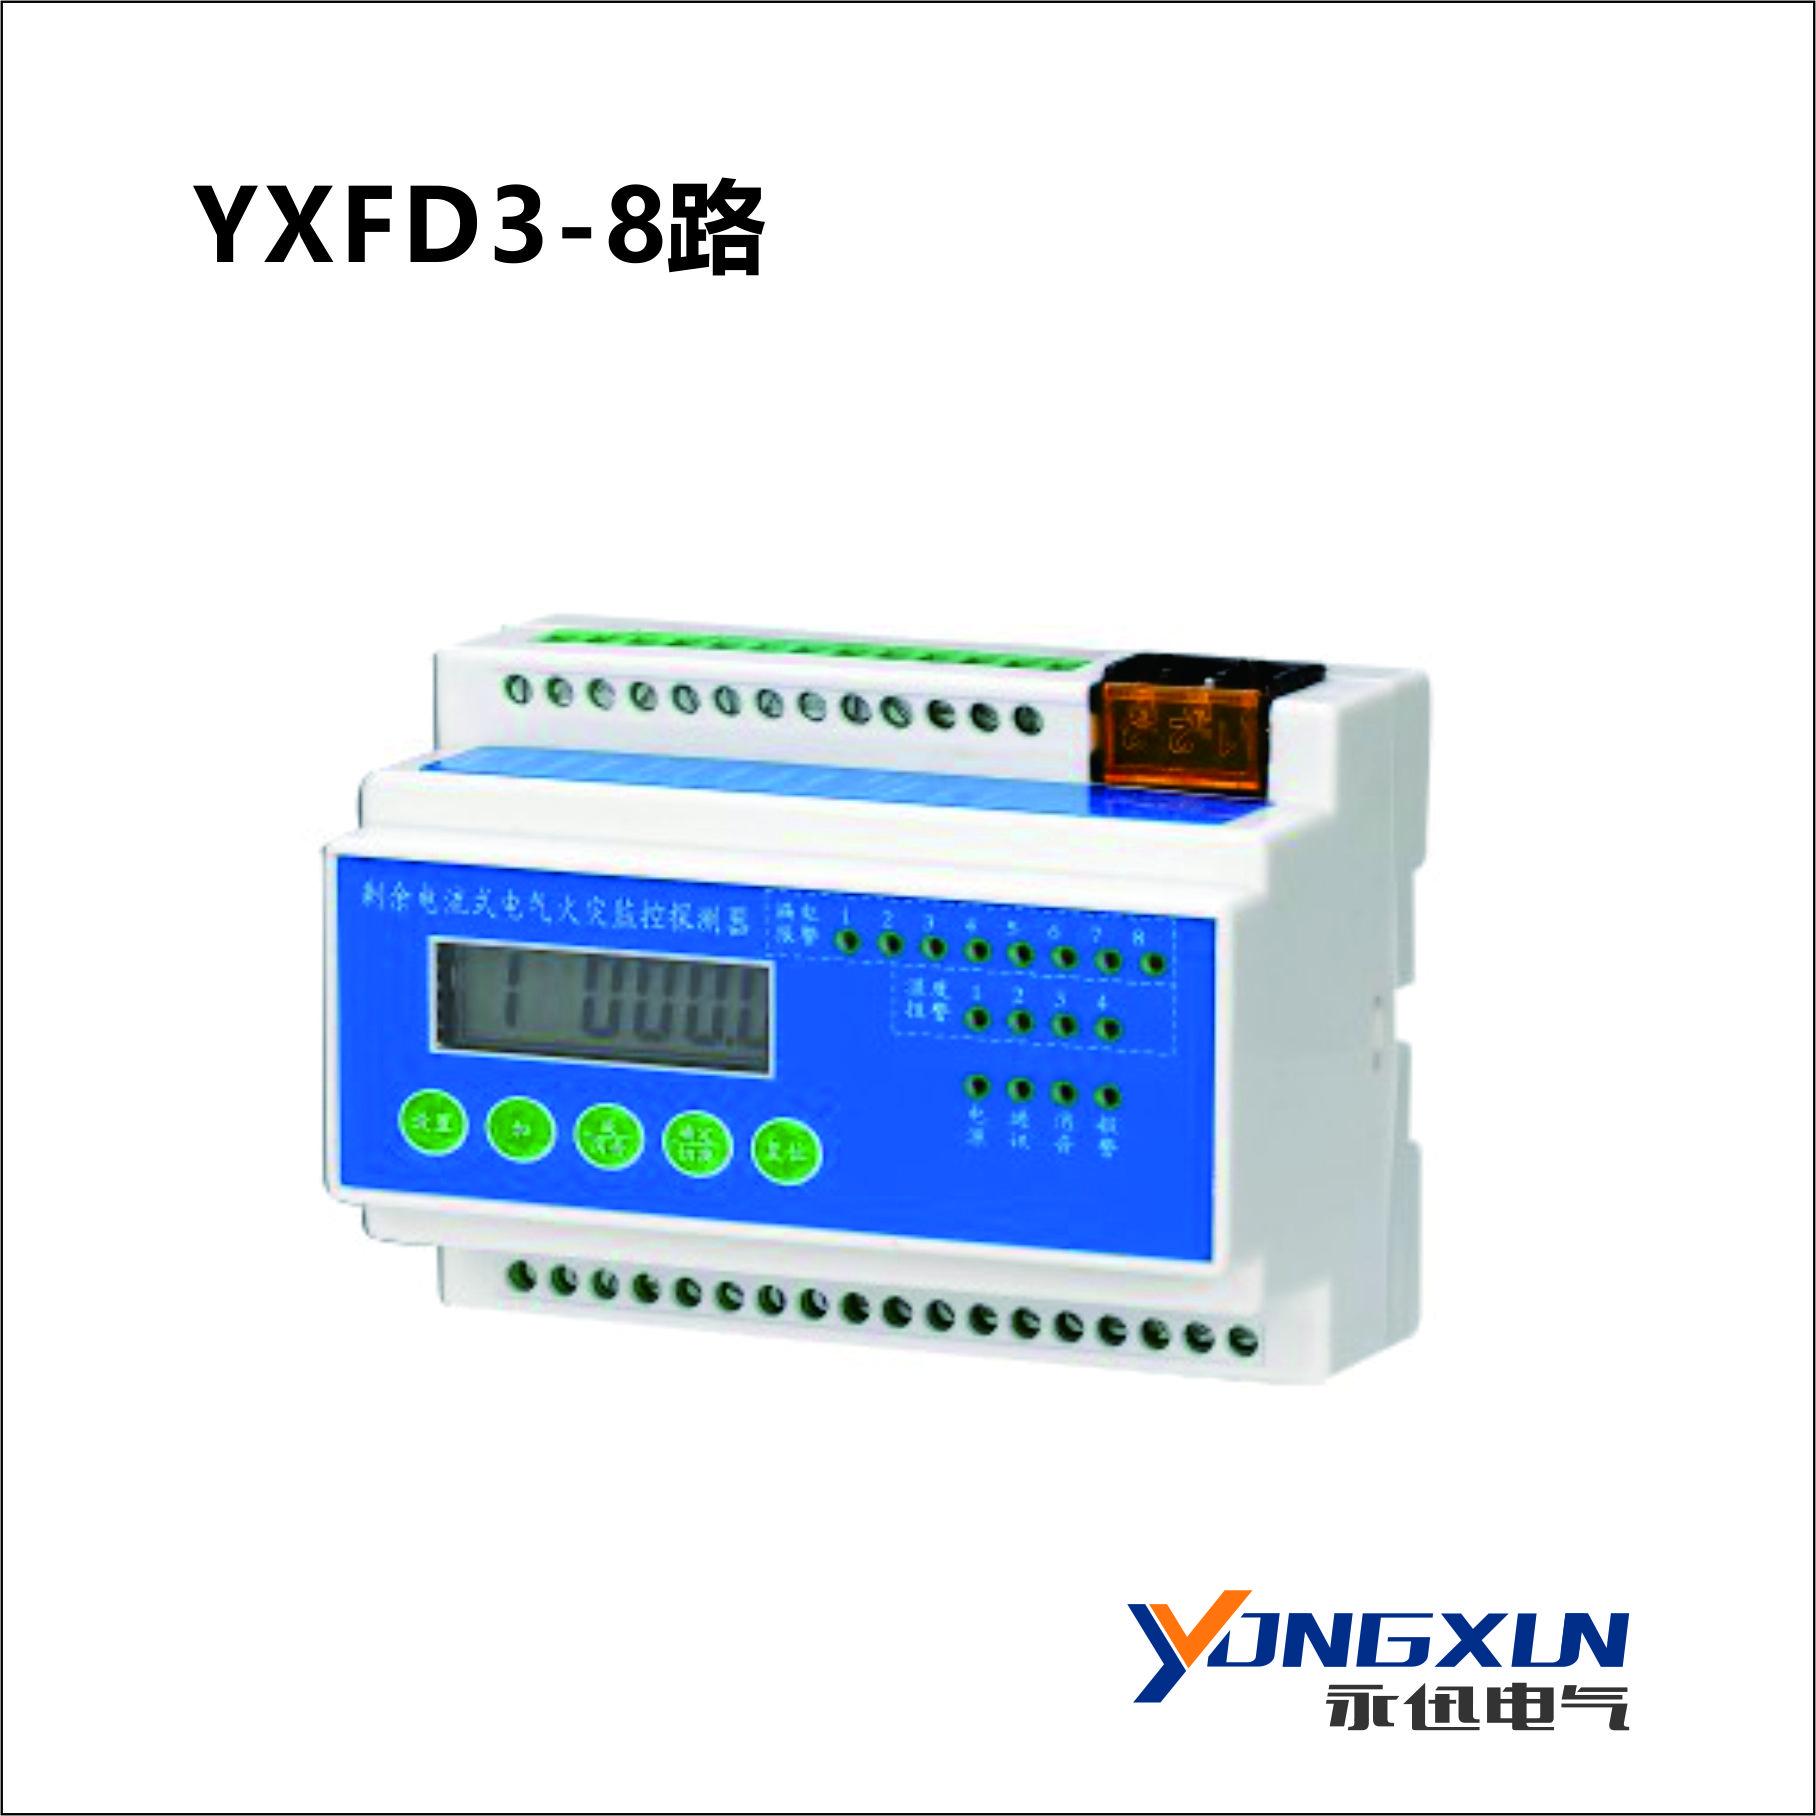 YXFD3-8路数码管型火灾监控探测器